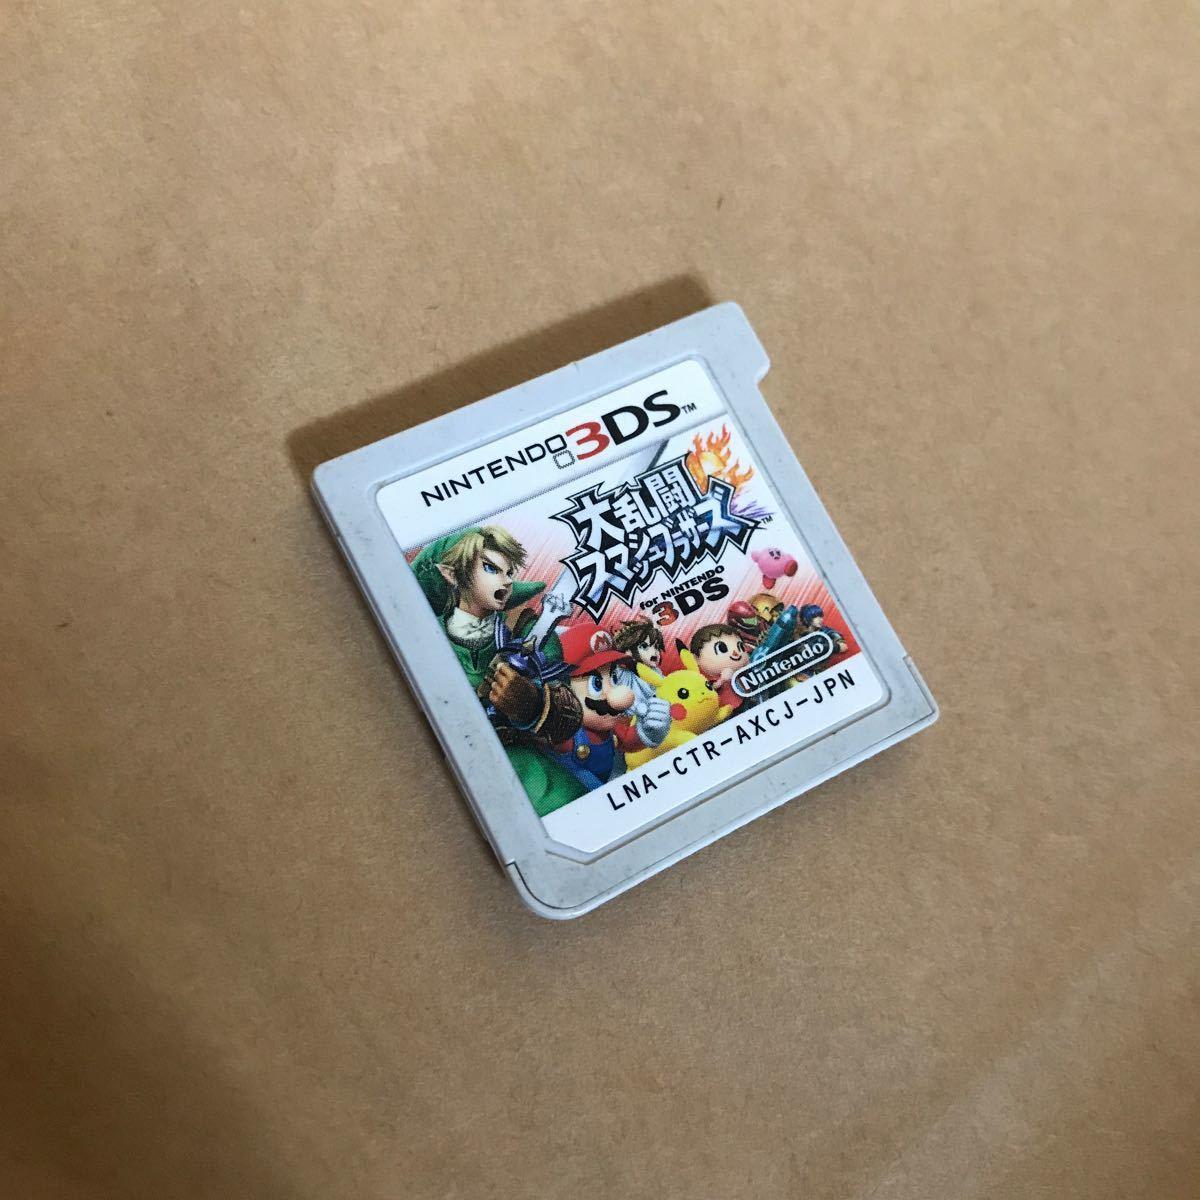 大乱闘スマッシュブラザーズ 3DS 3DSソフト ニンテンドー3DS ソフト